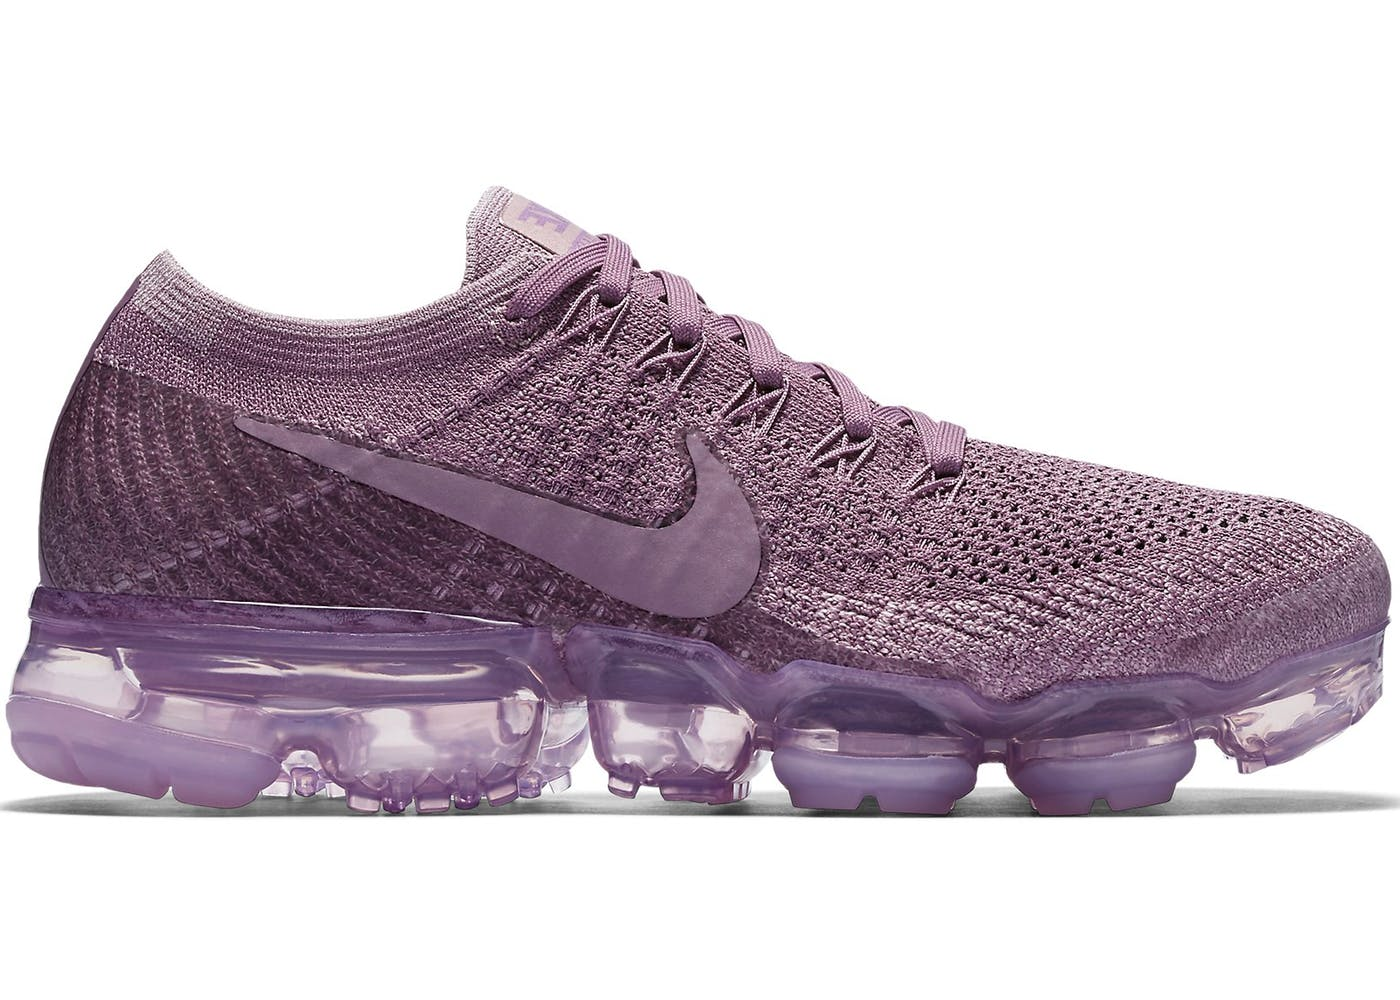 Nike Vapormax Purple